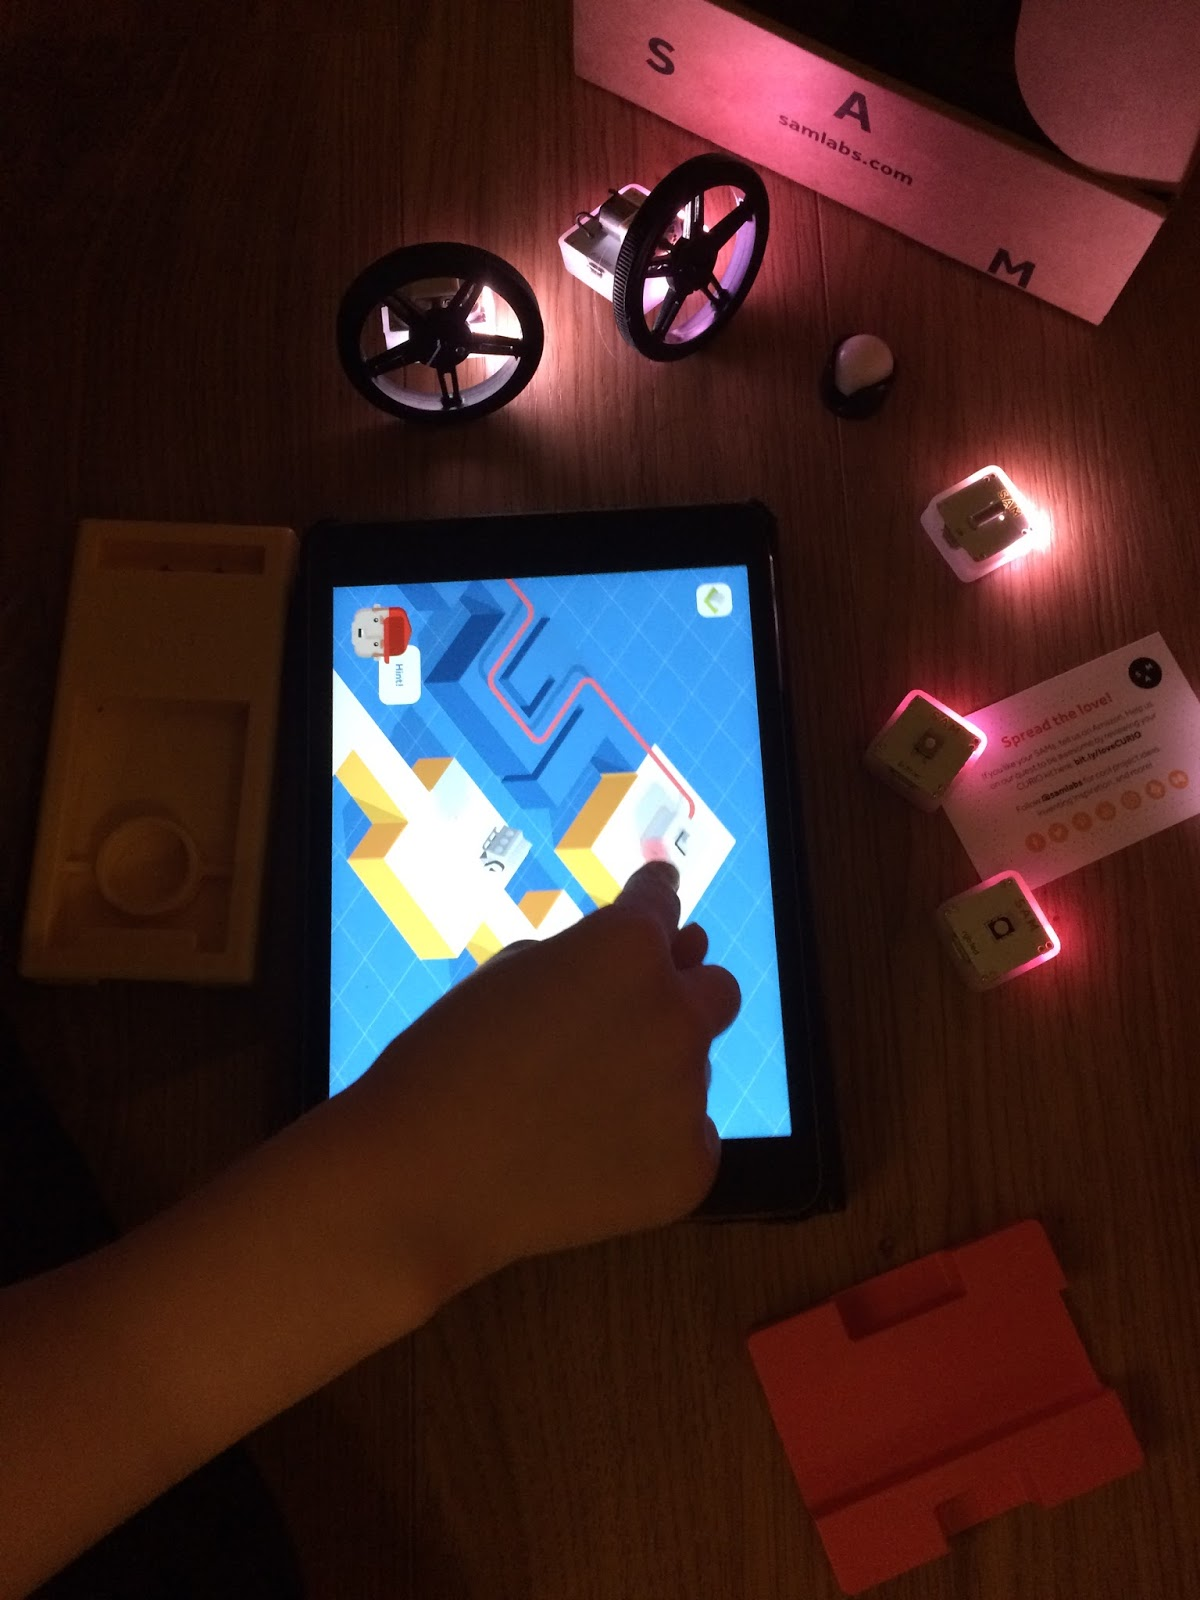 Caitlin connecting the SAMs blocks via the app